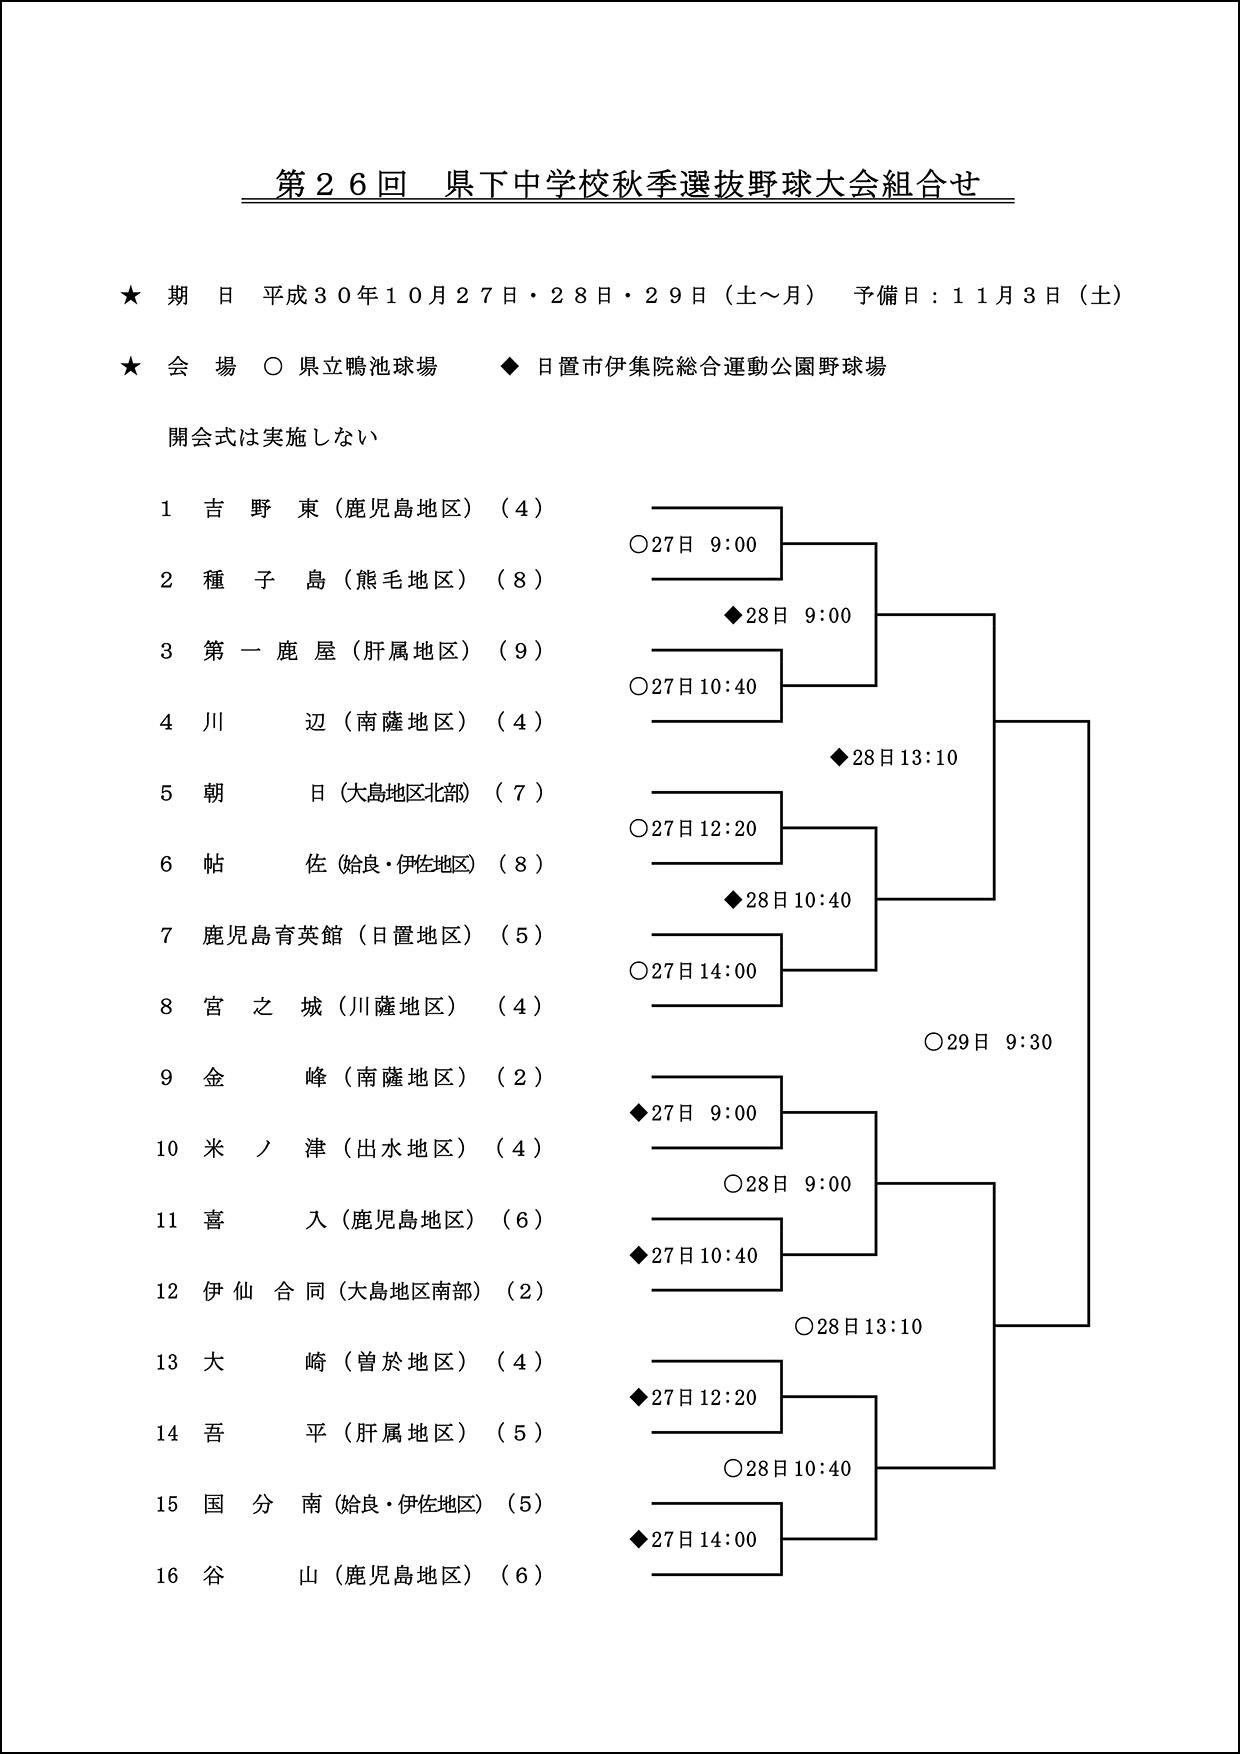 【組合せ】第26回中学秋季選抜軟式野球大会組合せ表